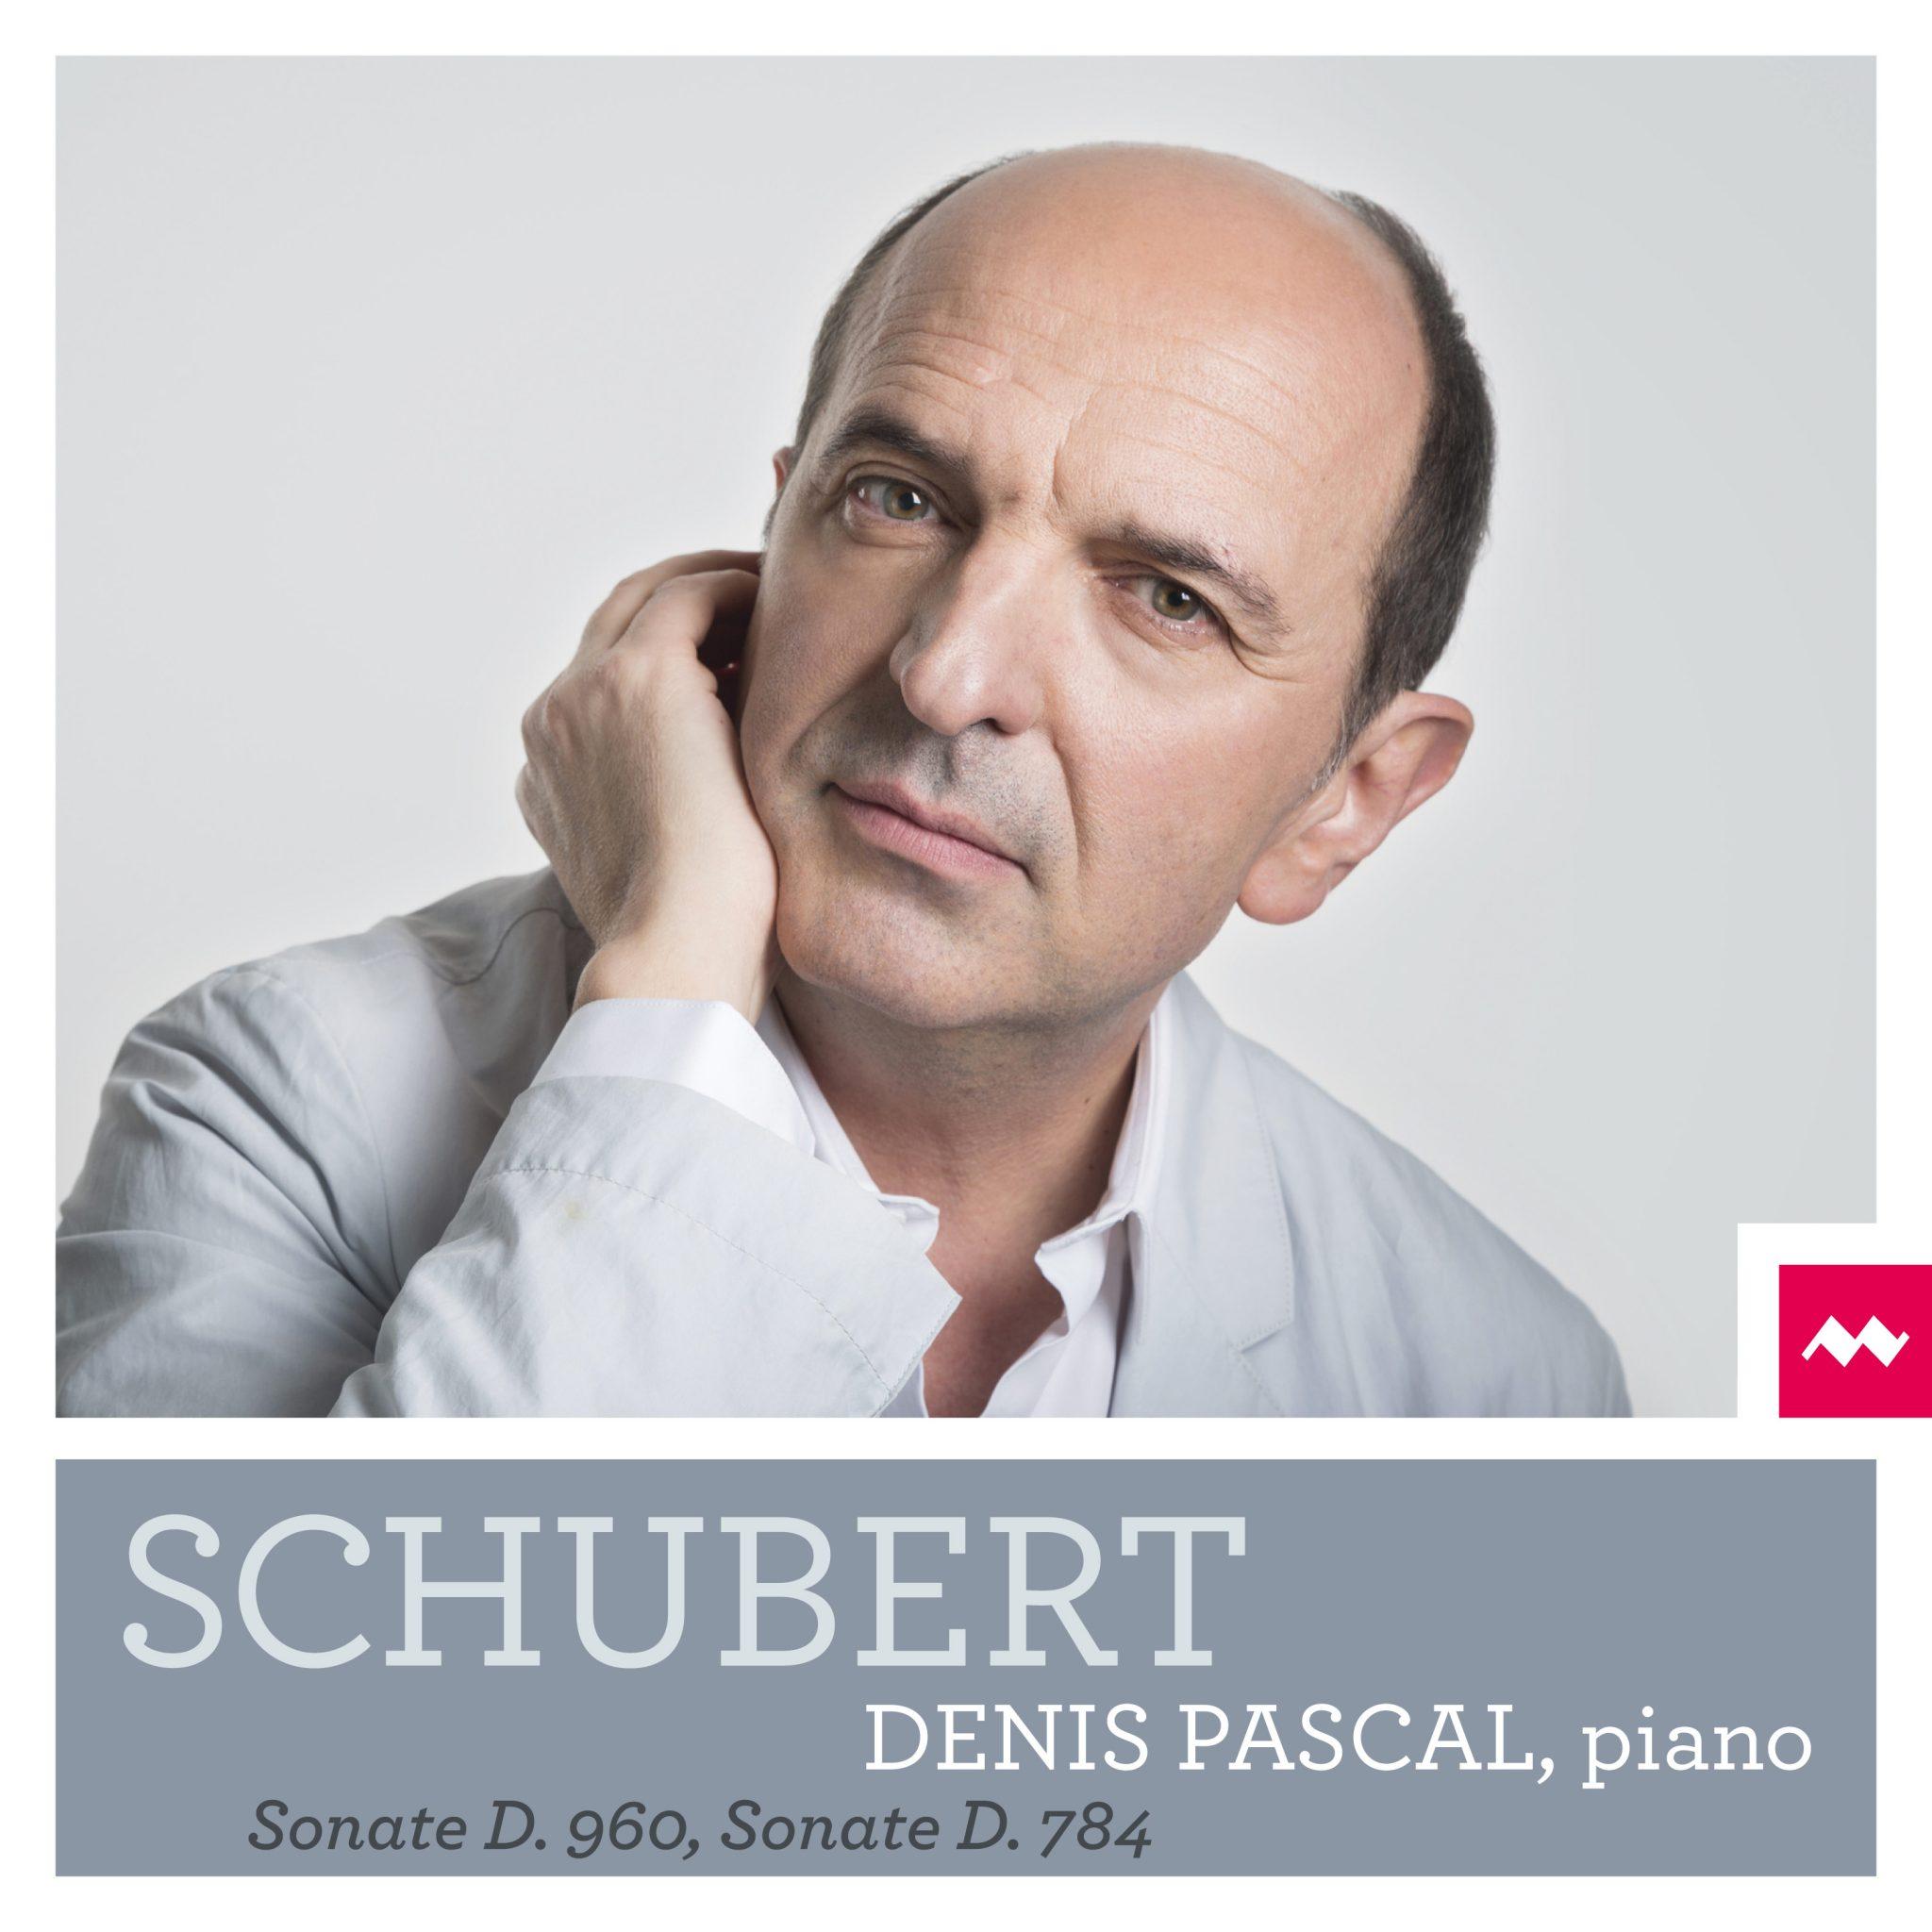 Pochette du disque de Denis Pascal - Schubert - Sonate D. 960 et Sonate D. 784